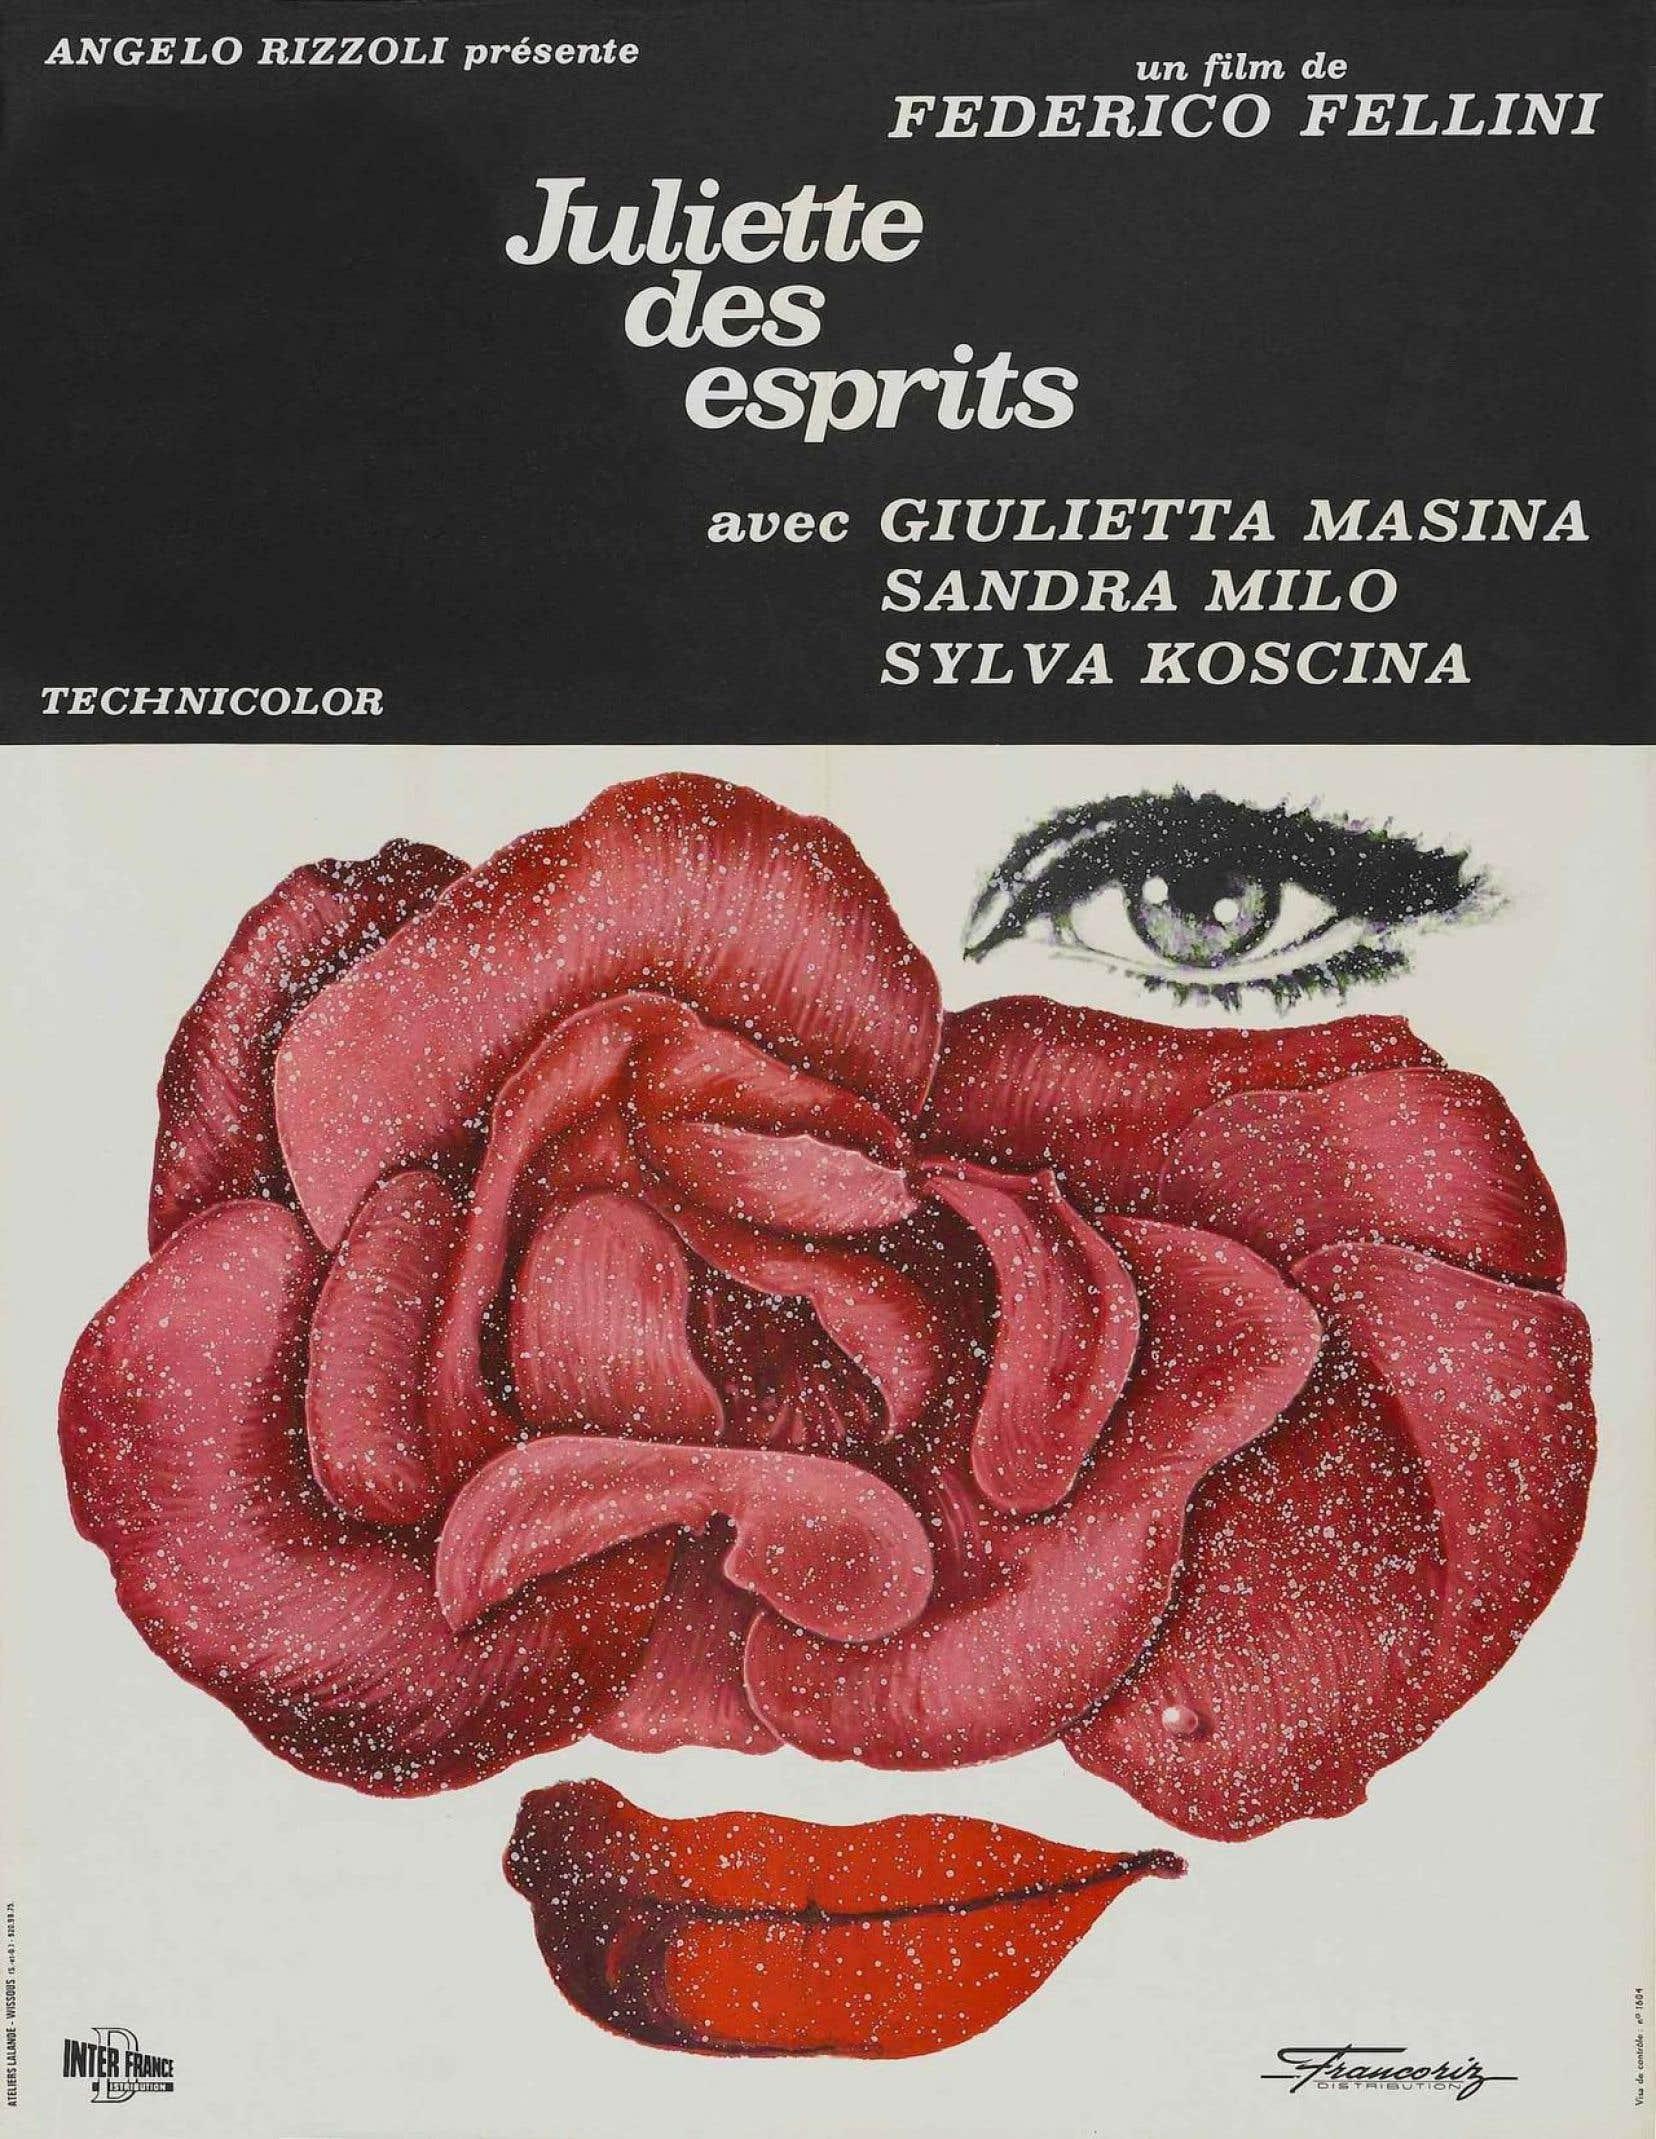 Affiche originale de <em>Juliette des esprits</em>